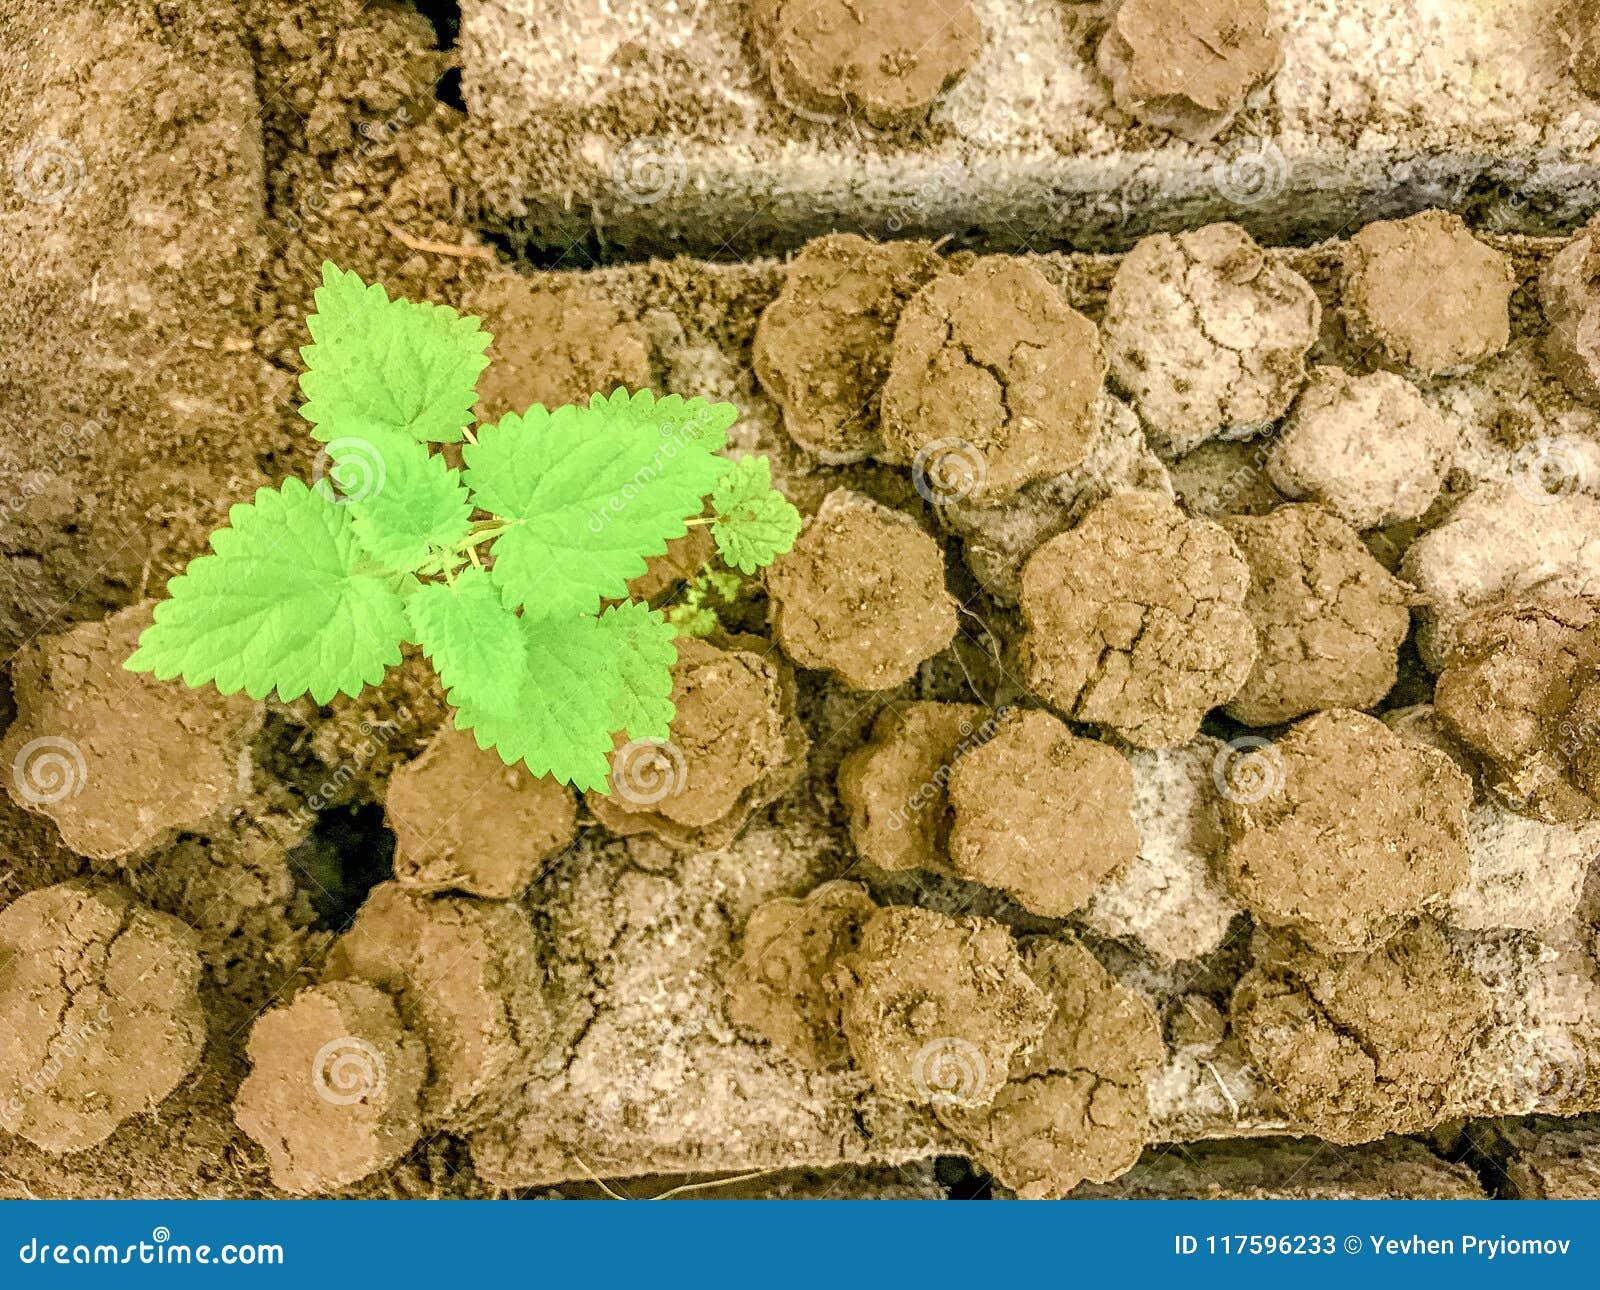 Stycke av sprucken jord med gröna leavs